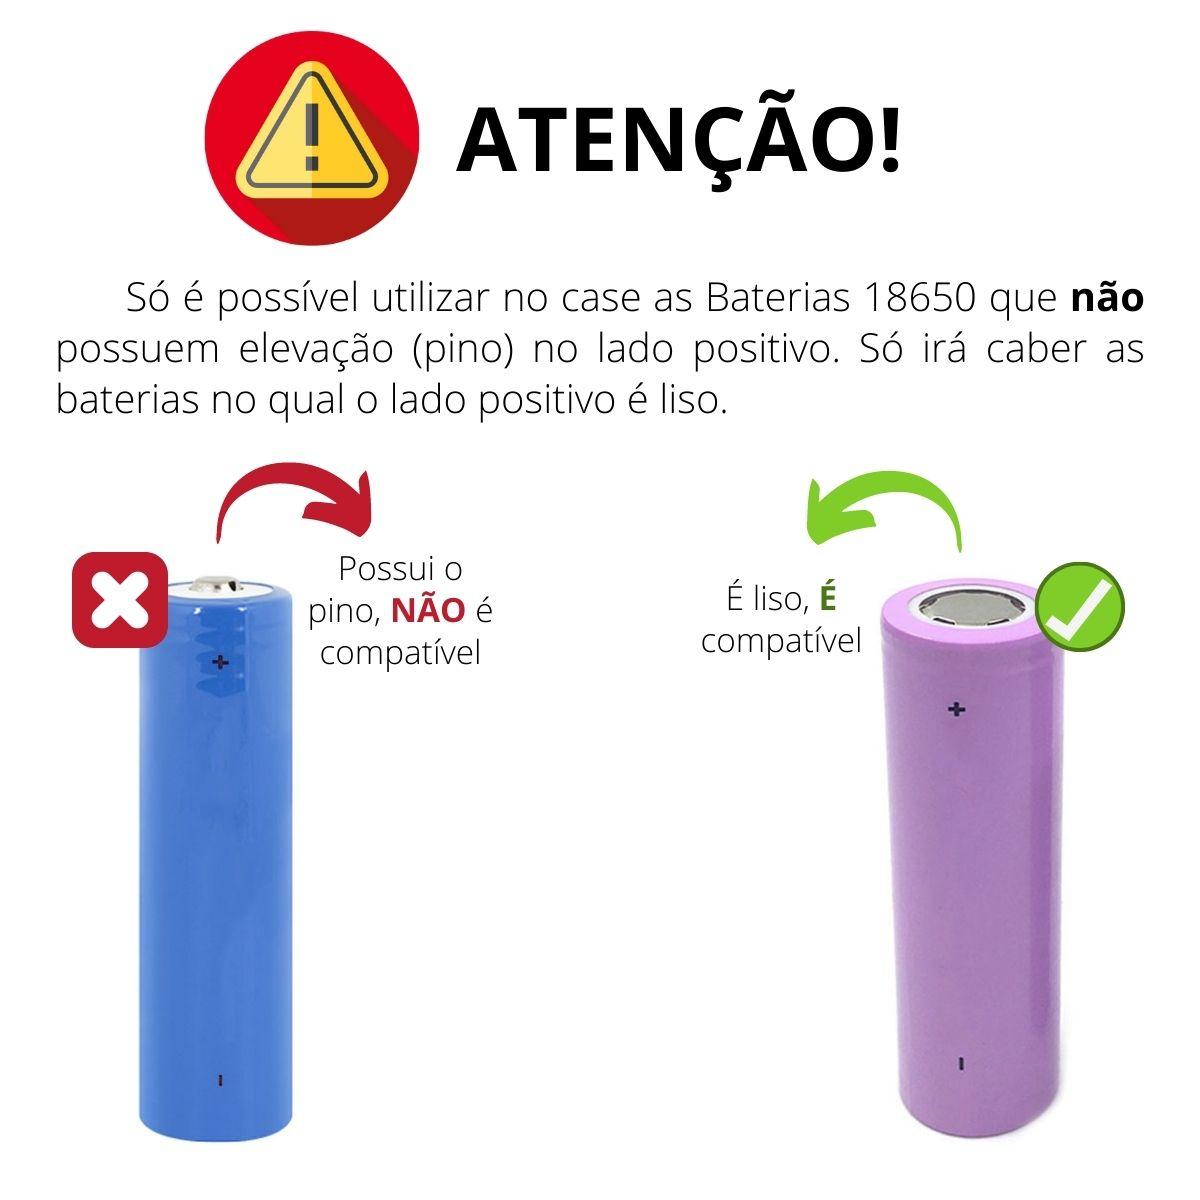 Case Power Bank USB para 1 Bateria 18650 - Não Acompanha Bateria